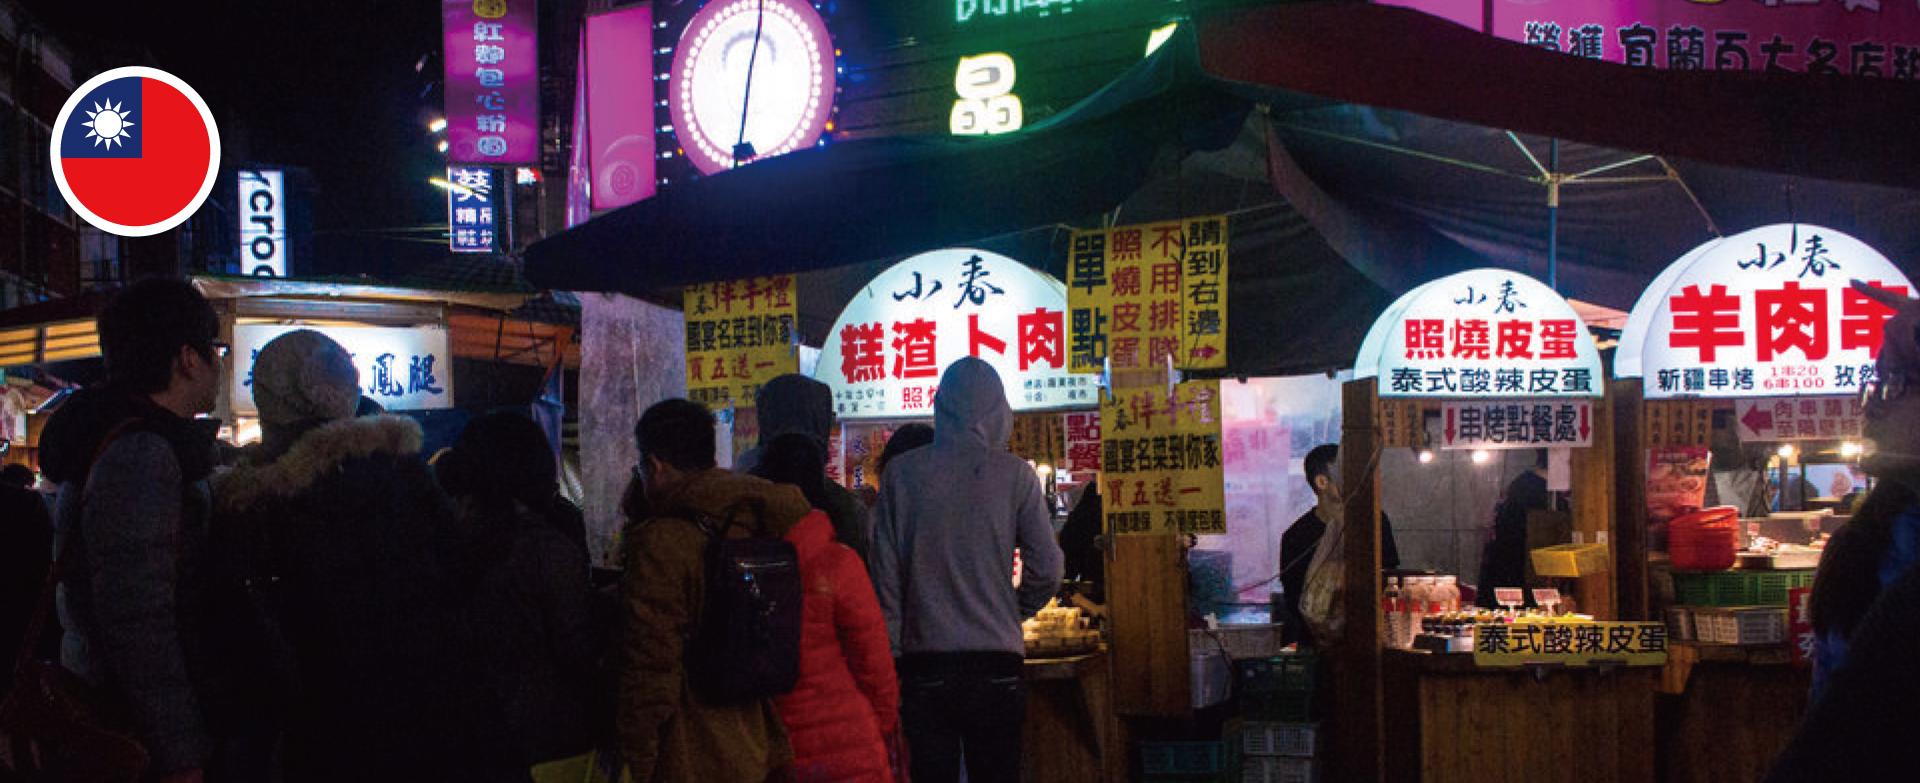 台灣羅東夜市知名的小春糕渣也用iPad POS點餐系統